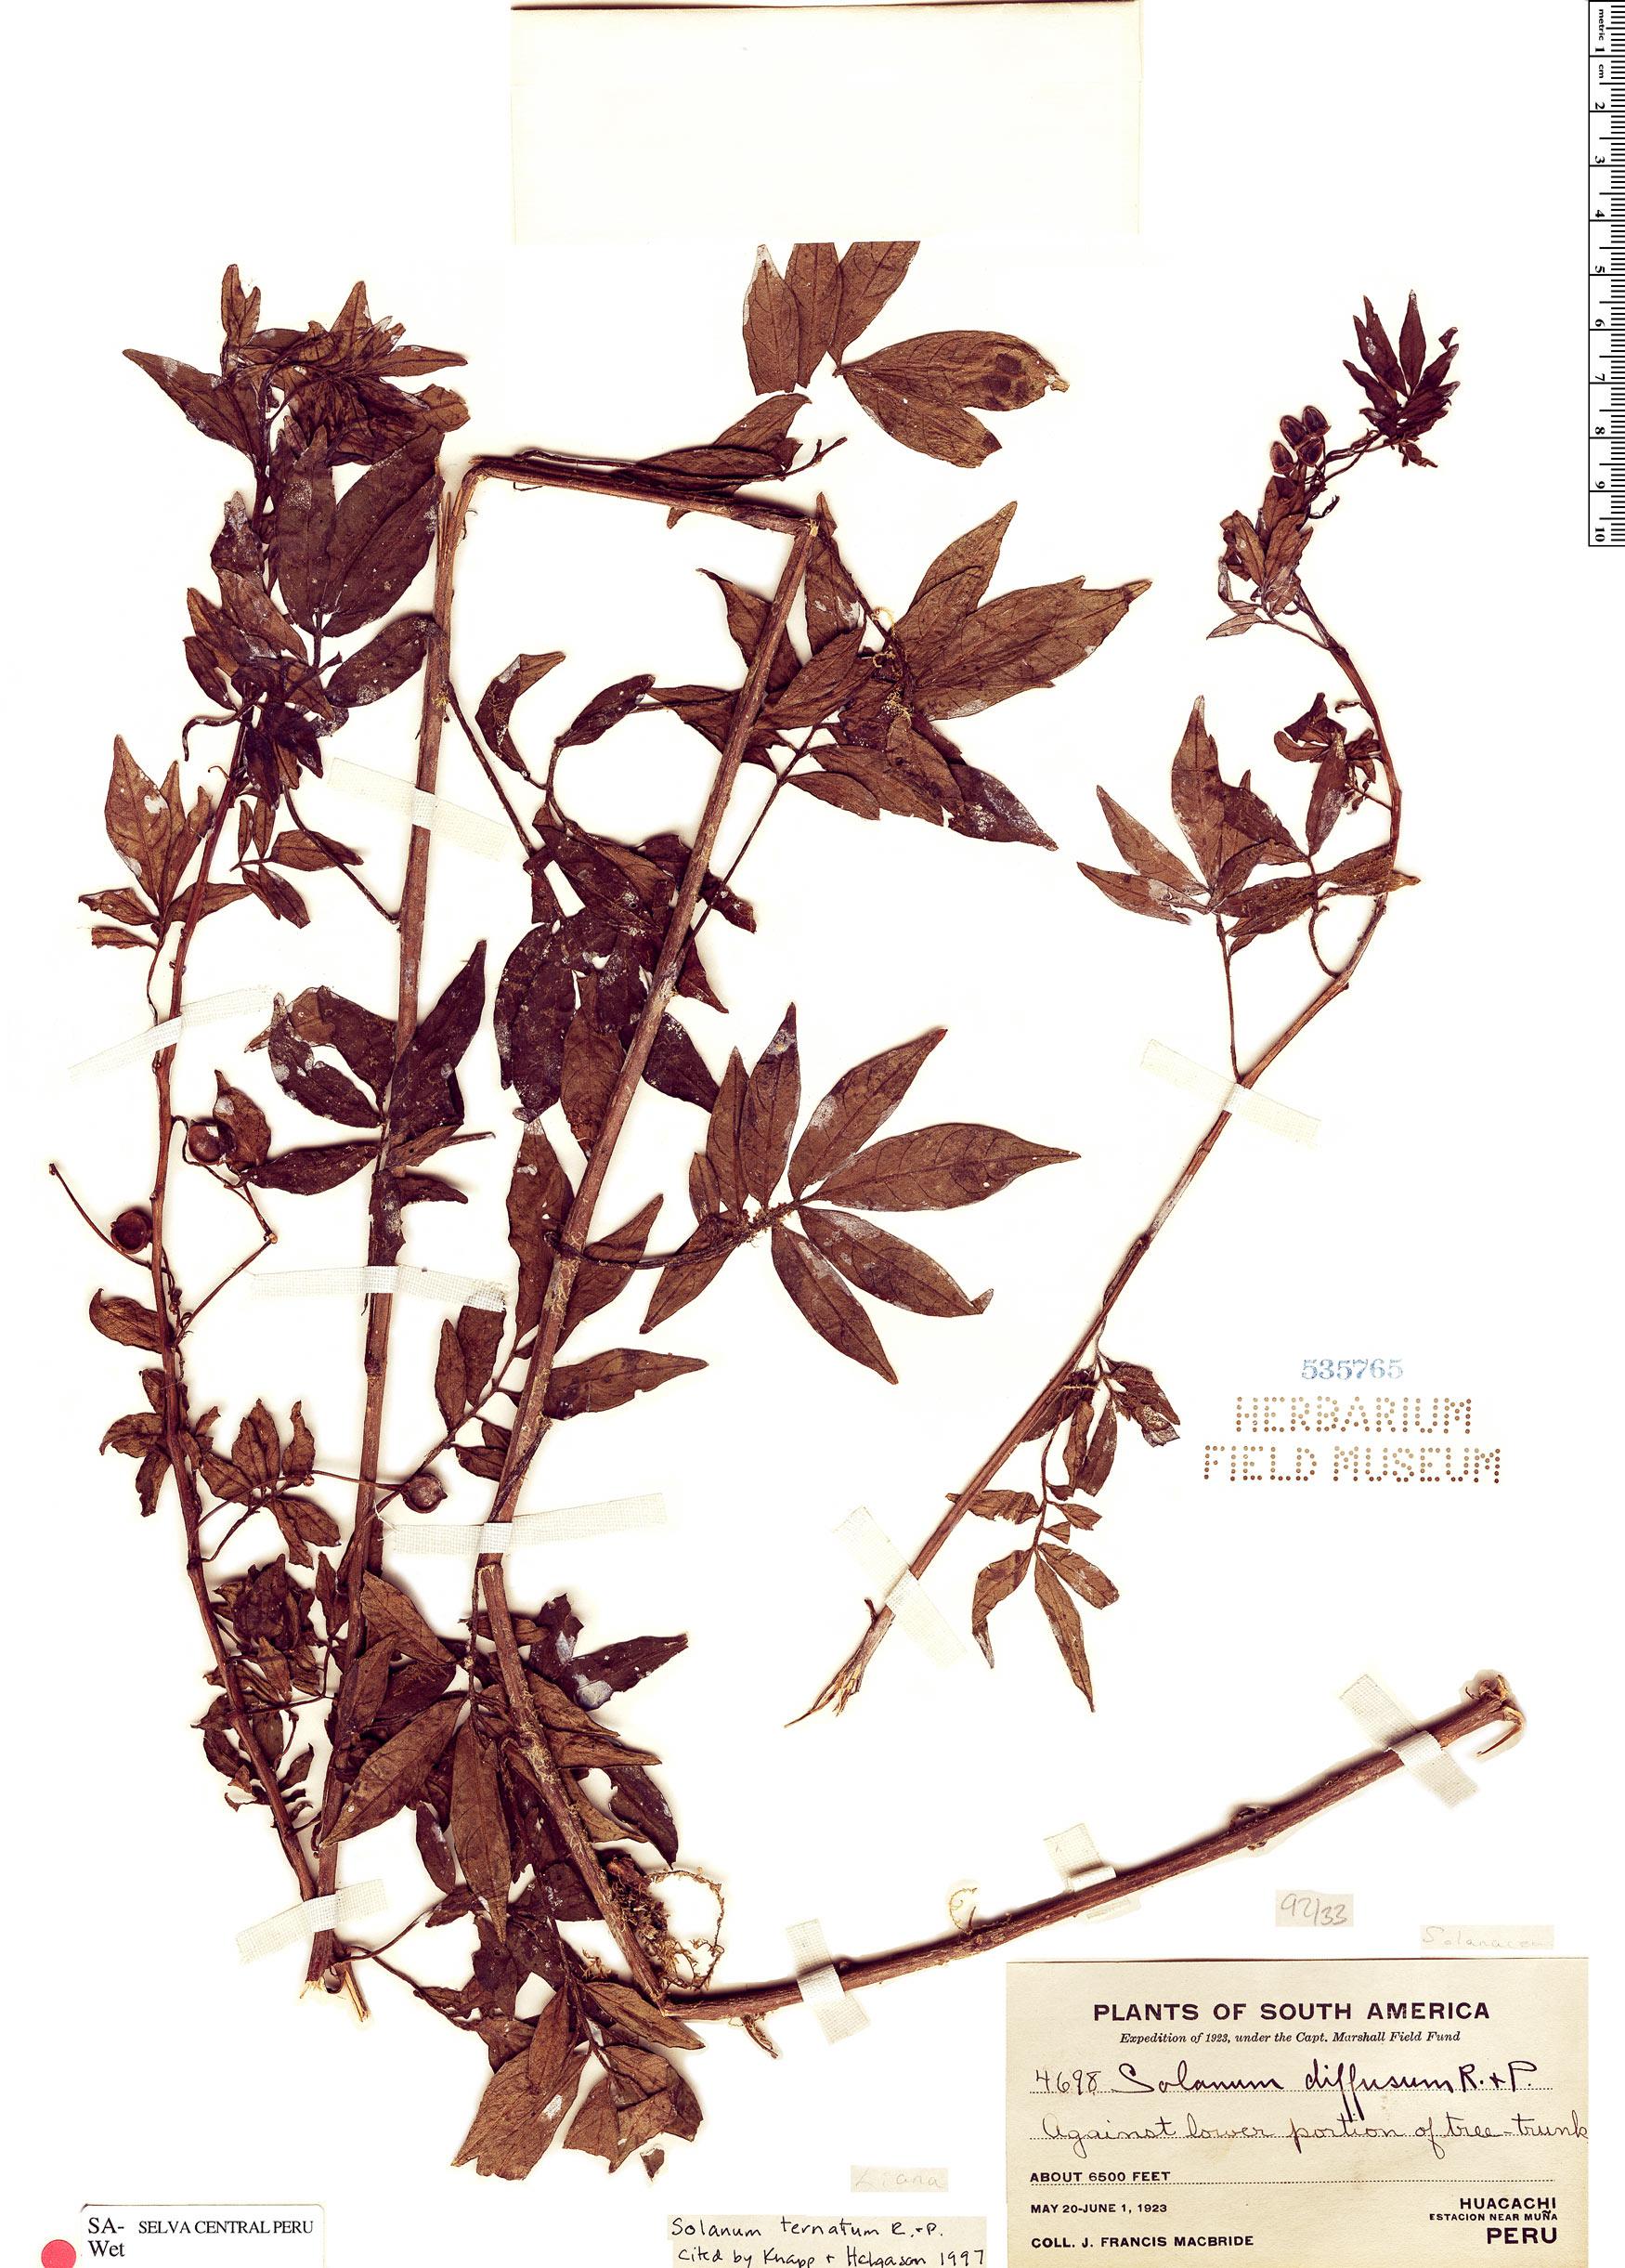 Specimen: Solanum ternatum